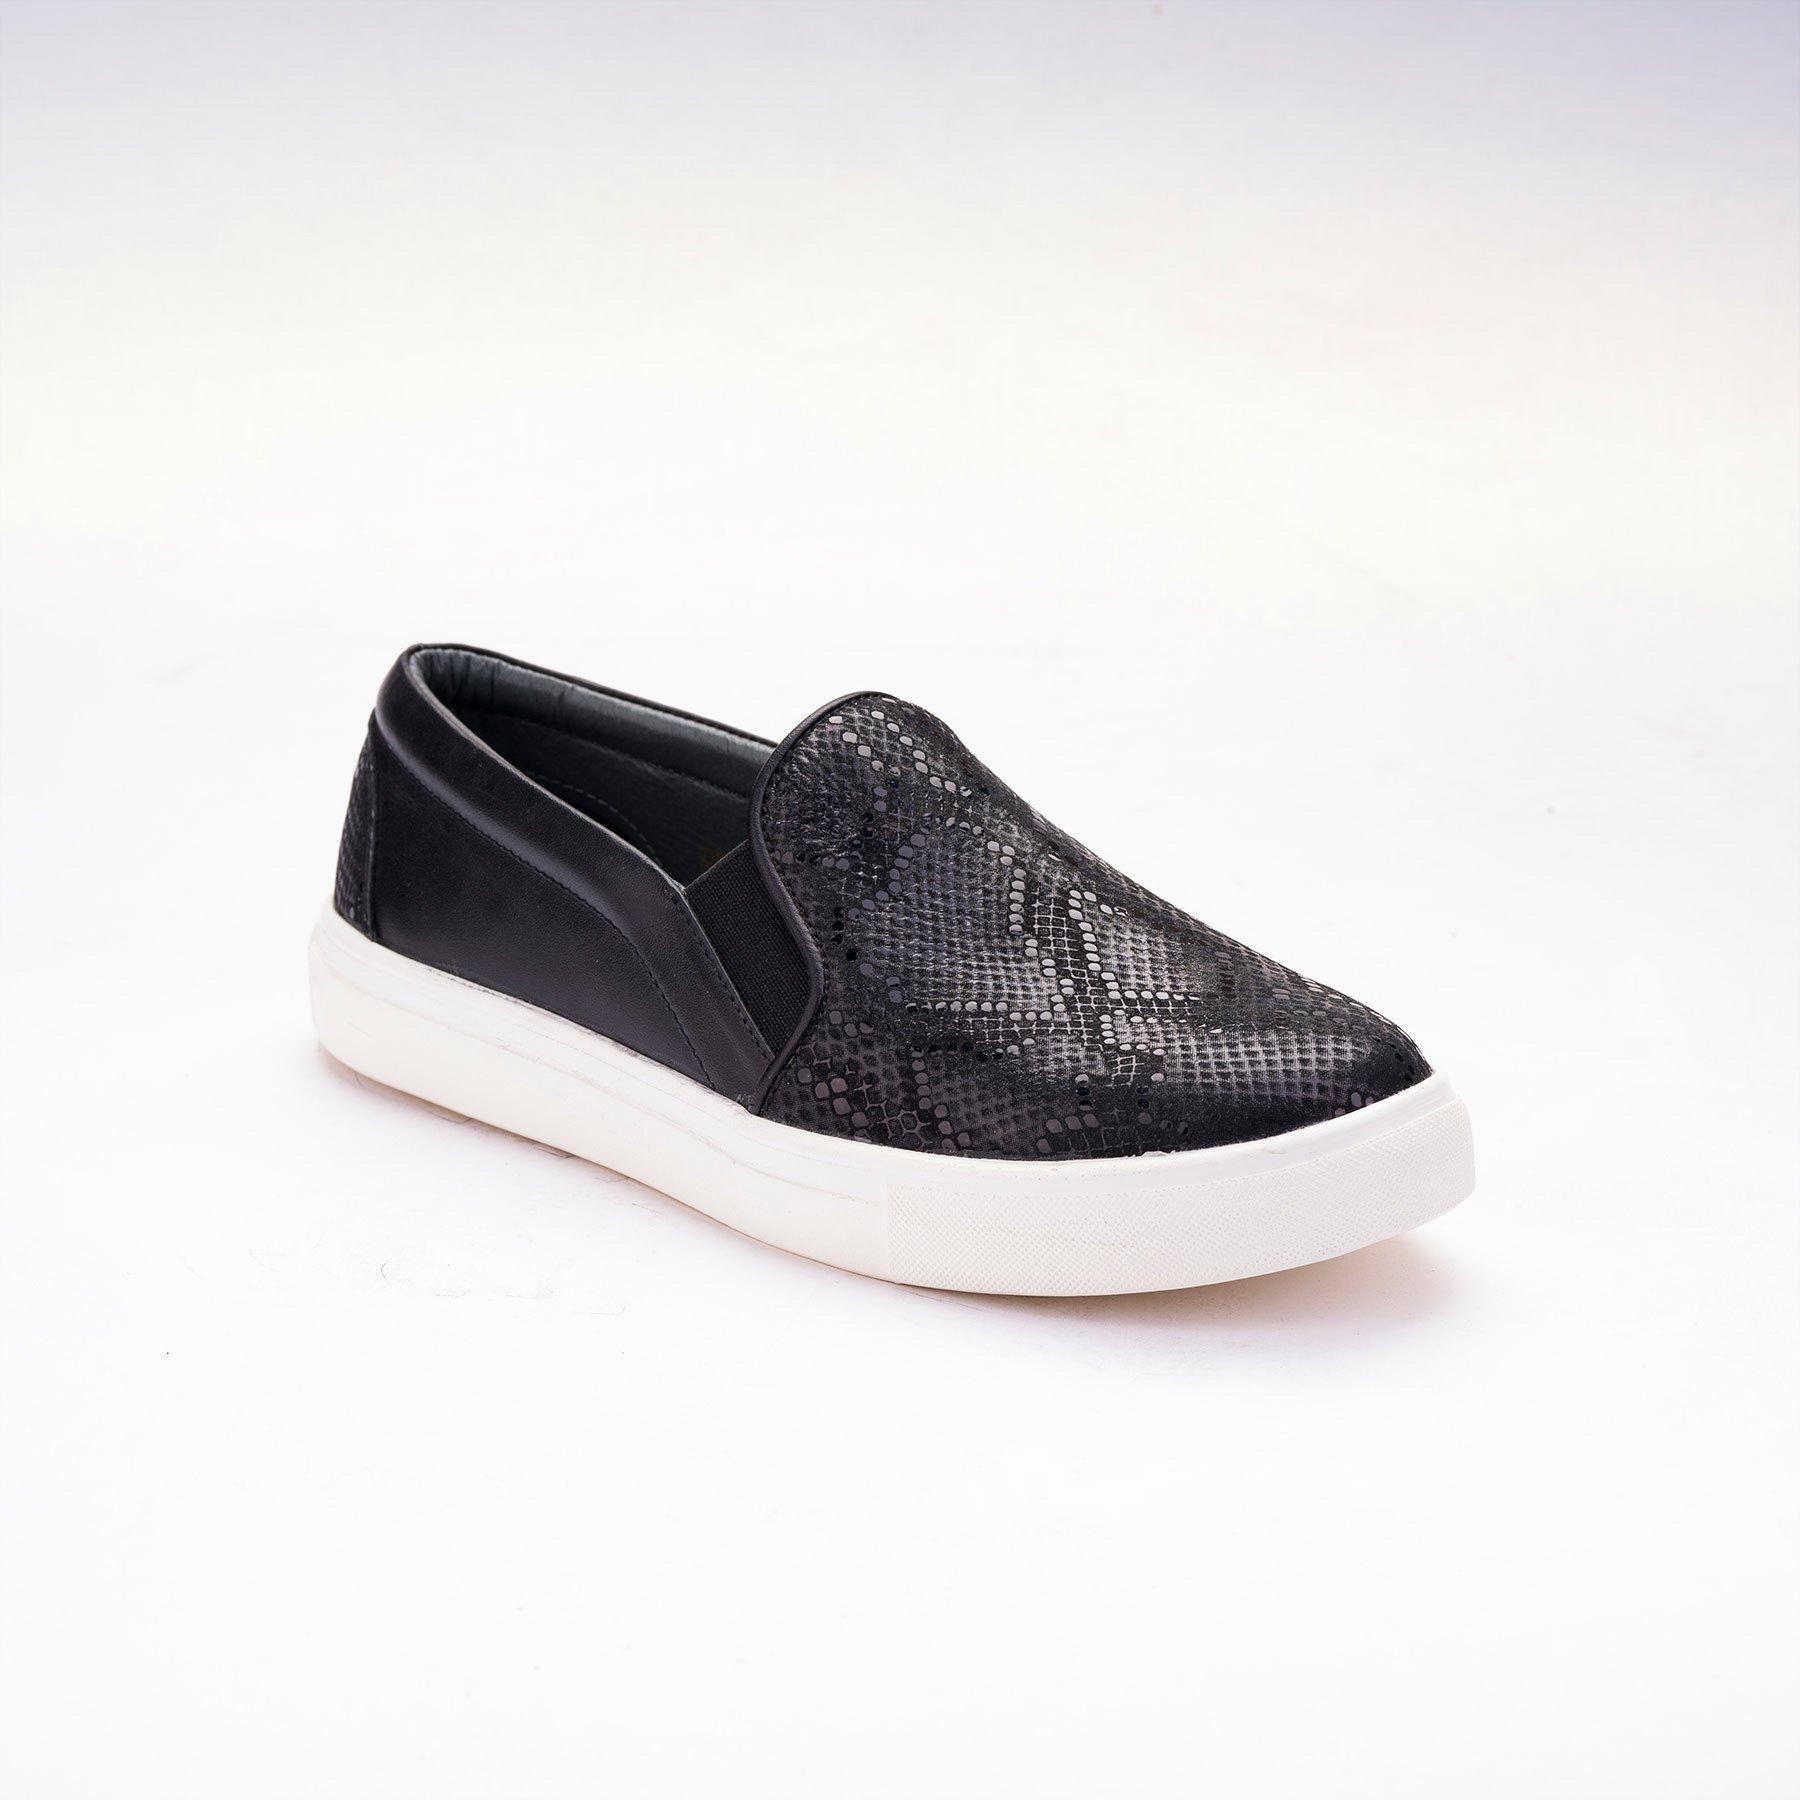 زنانه کفش فلانور کد194ونس